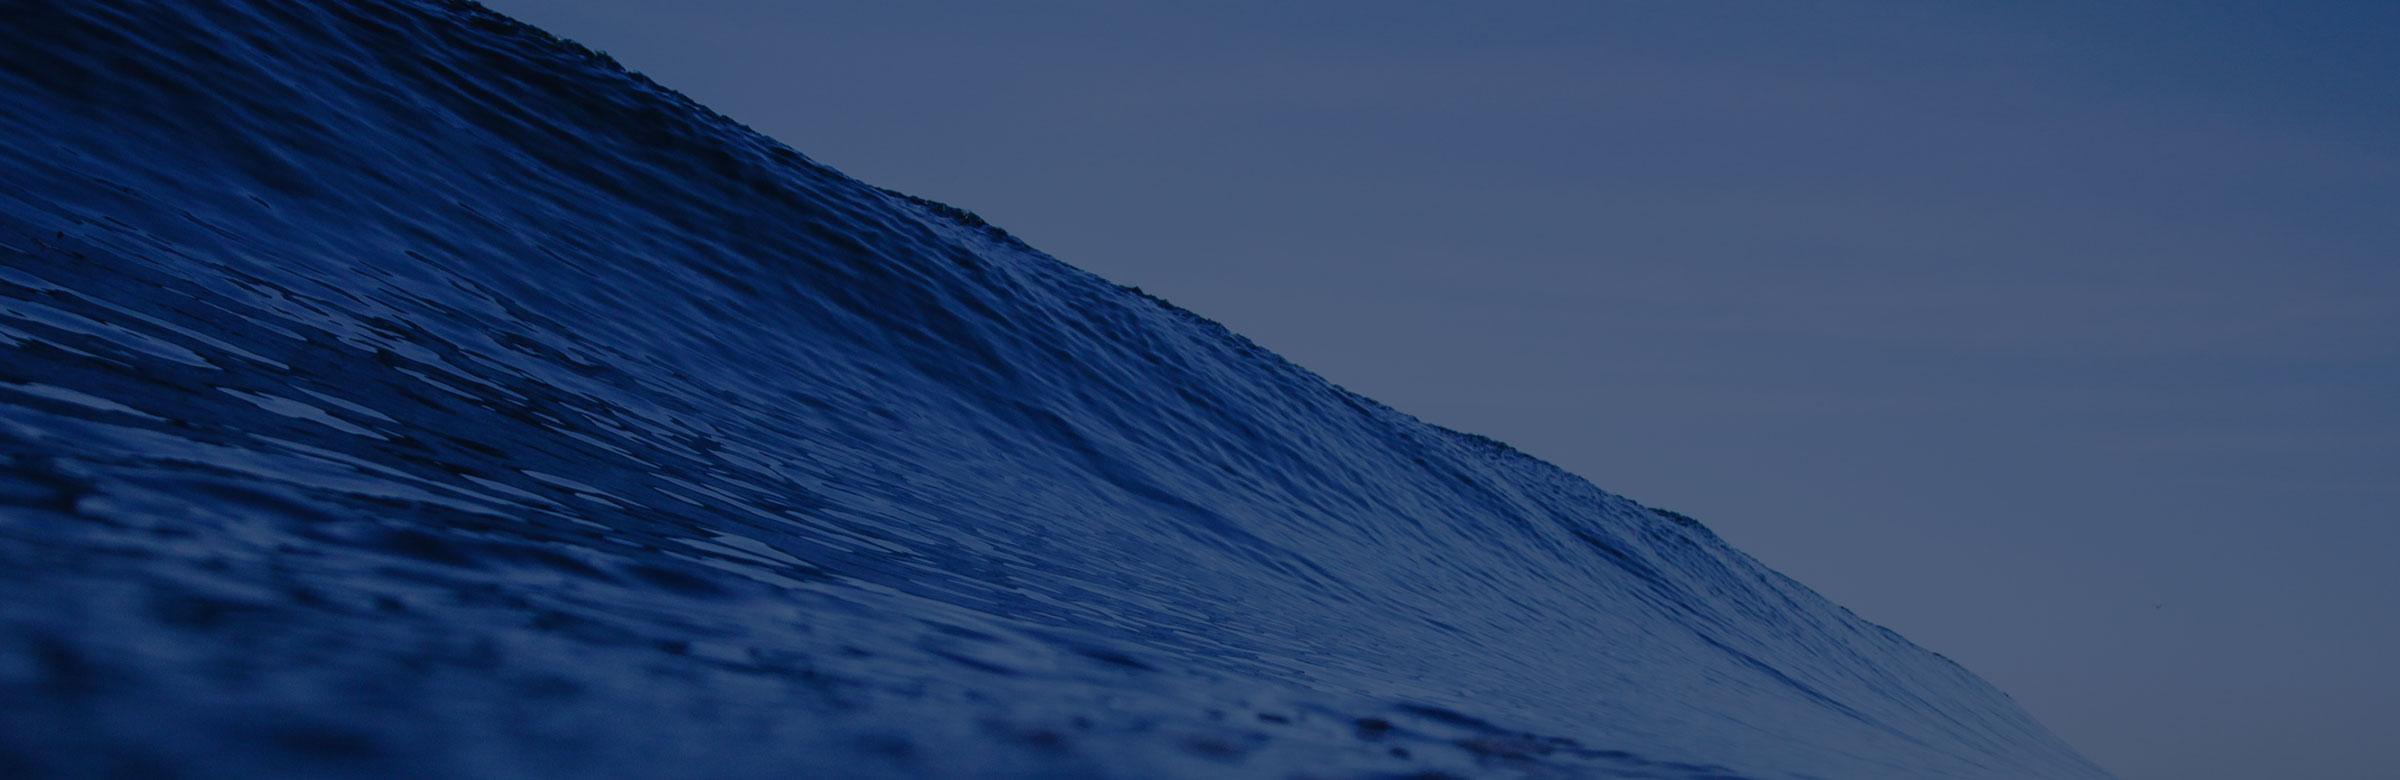 kpitaine_banner_wave.jpg